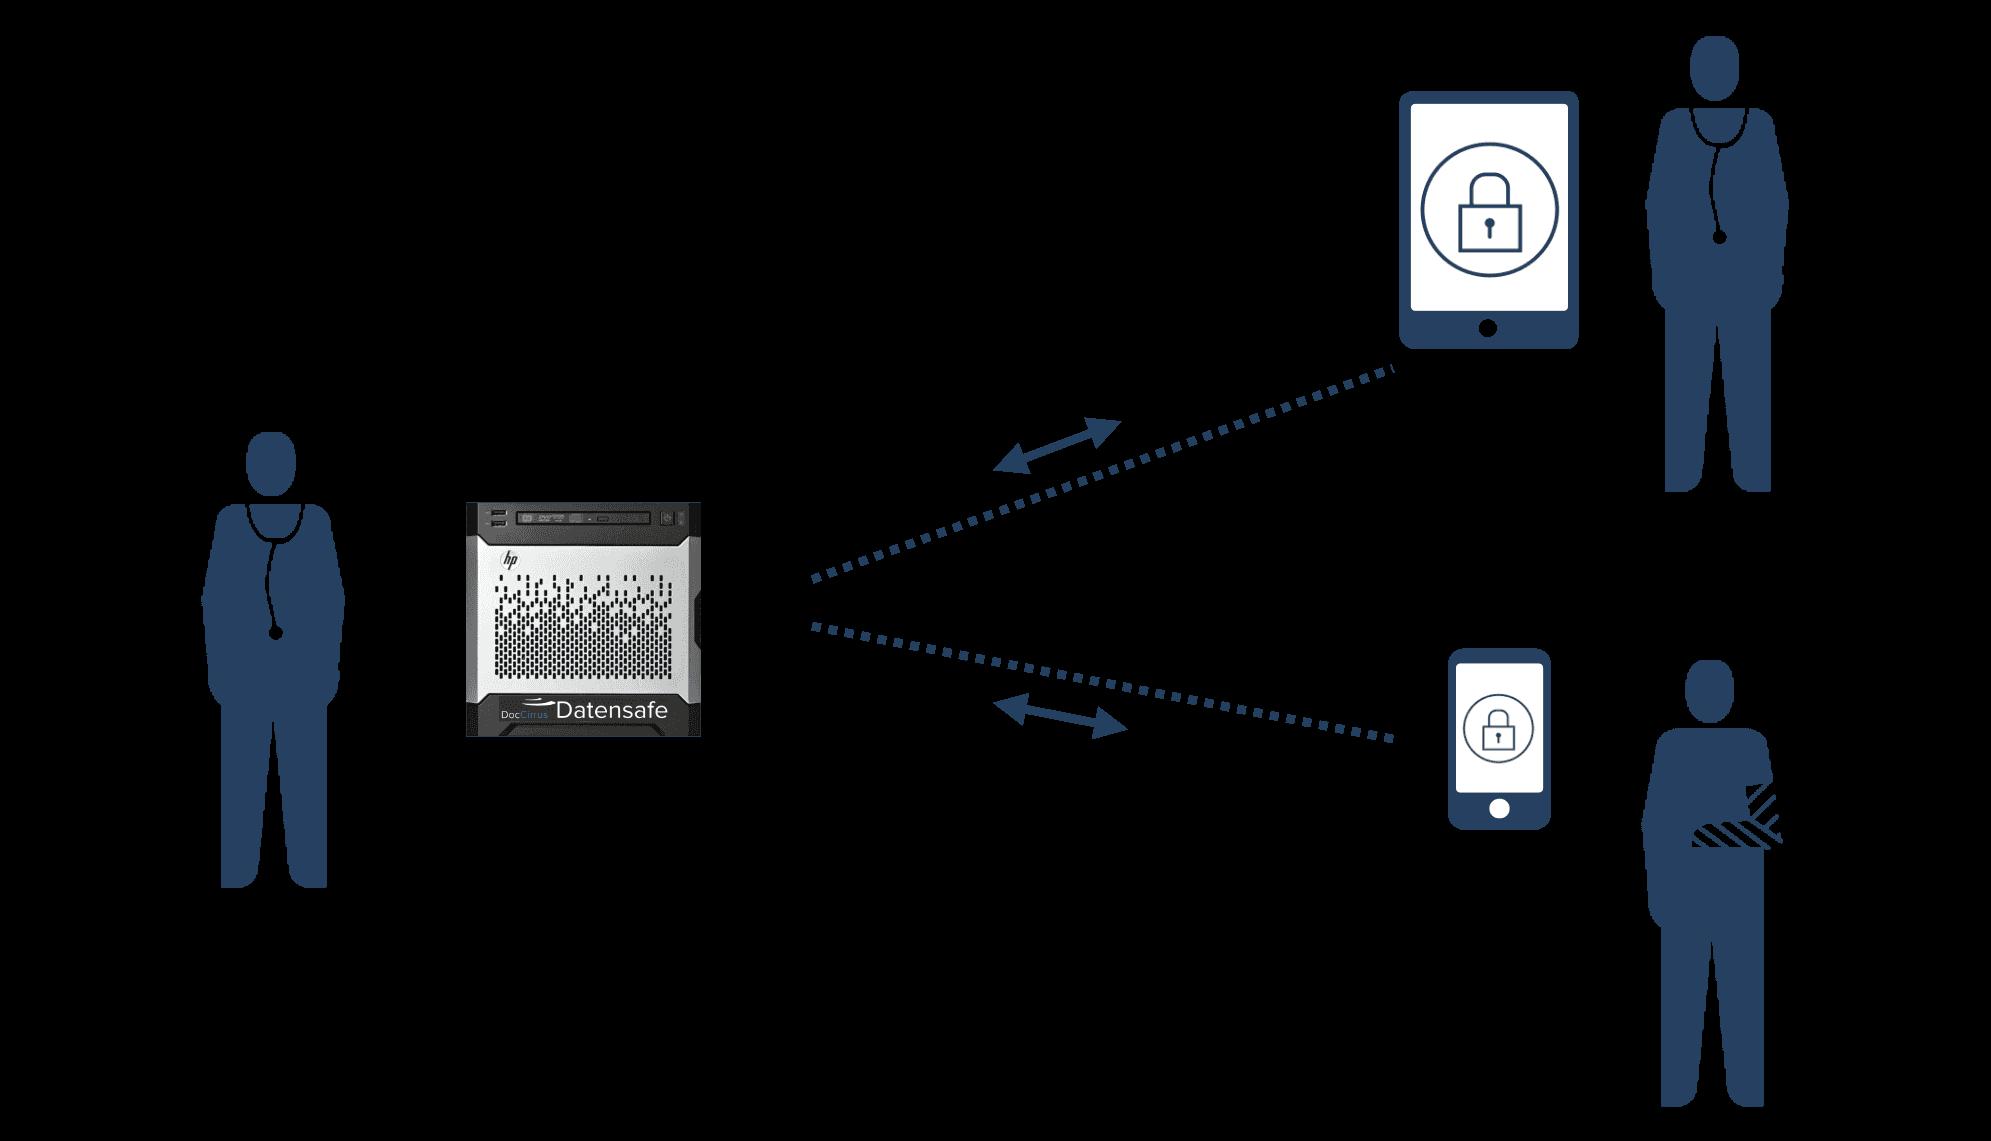 Datensafe Praxisnetzwerk